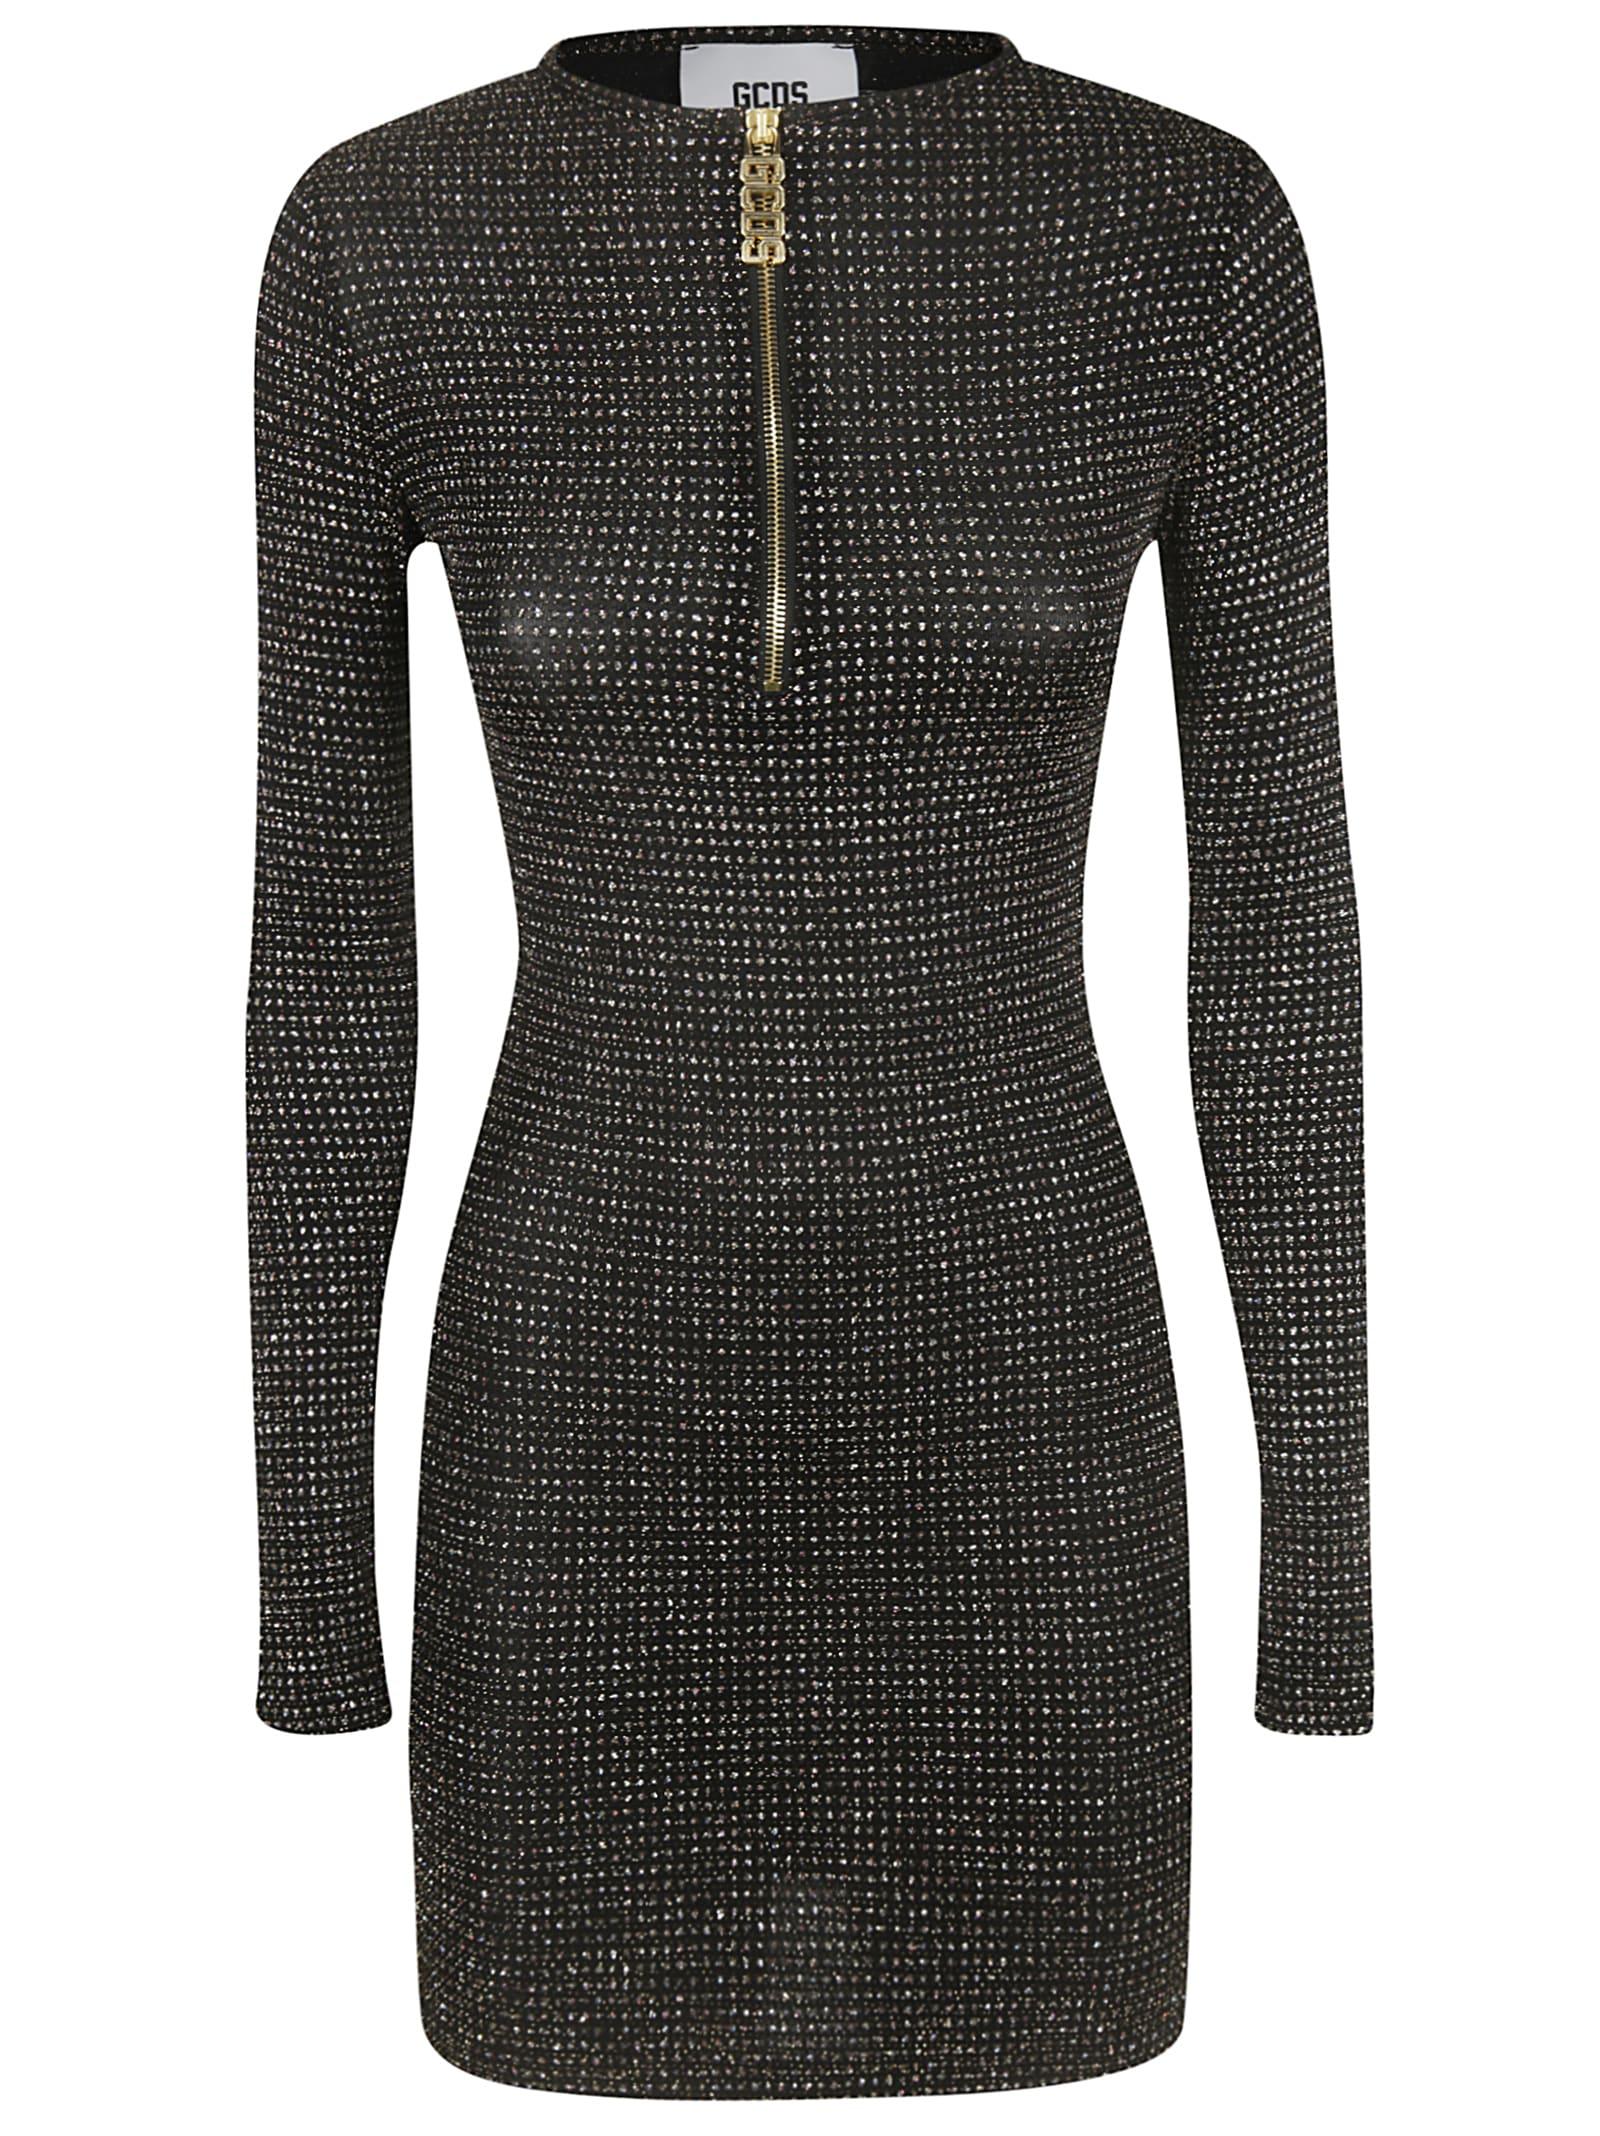 GCDS Zipped Placket Dress